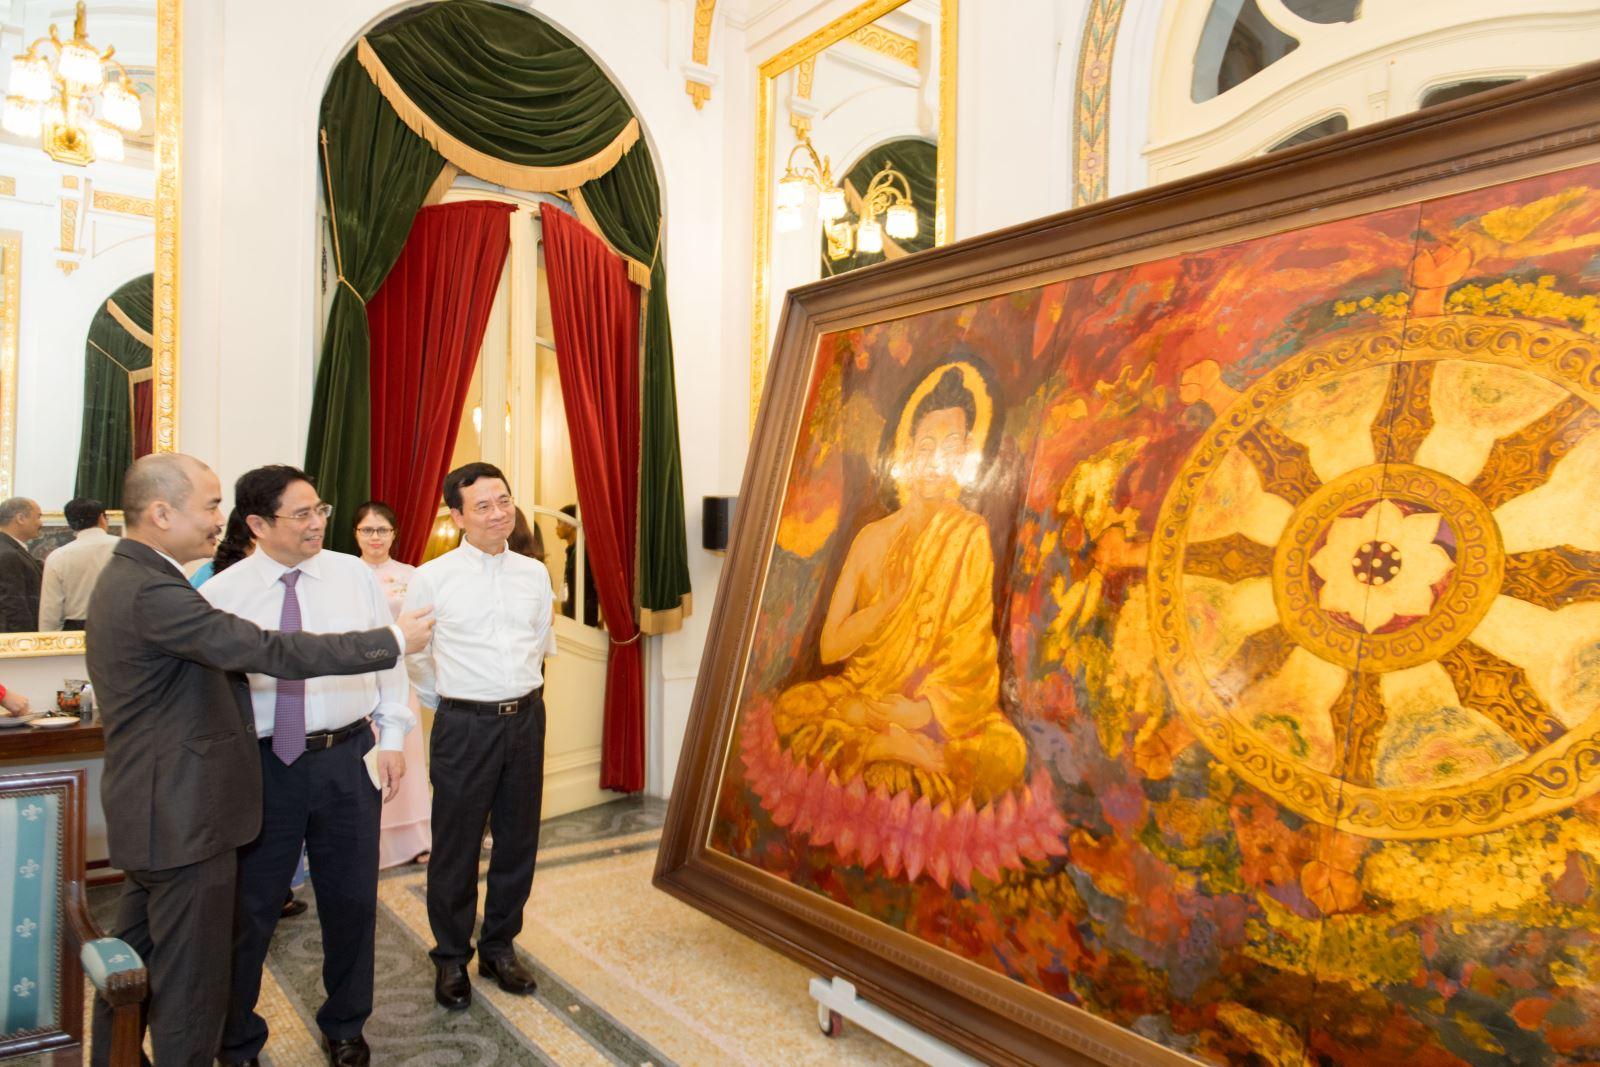 Trưng bày những bức tranh quý về Bác Hồ tại Nhà hát Lớn Hà Nội 3